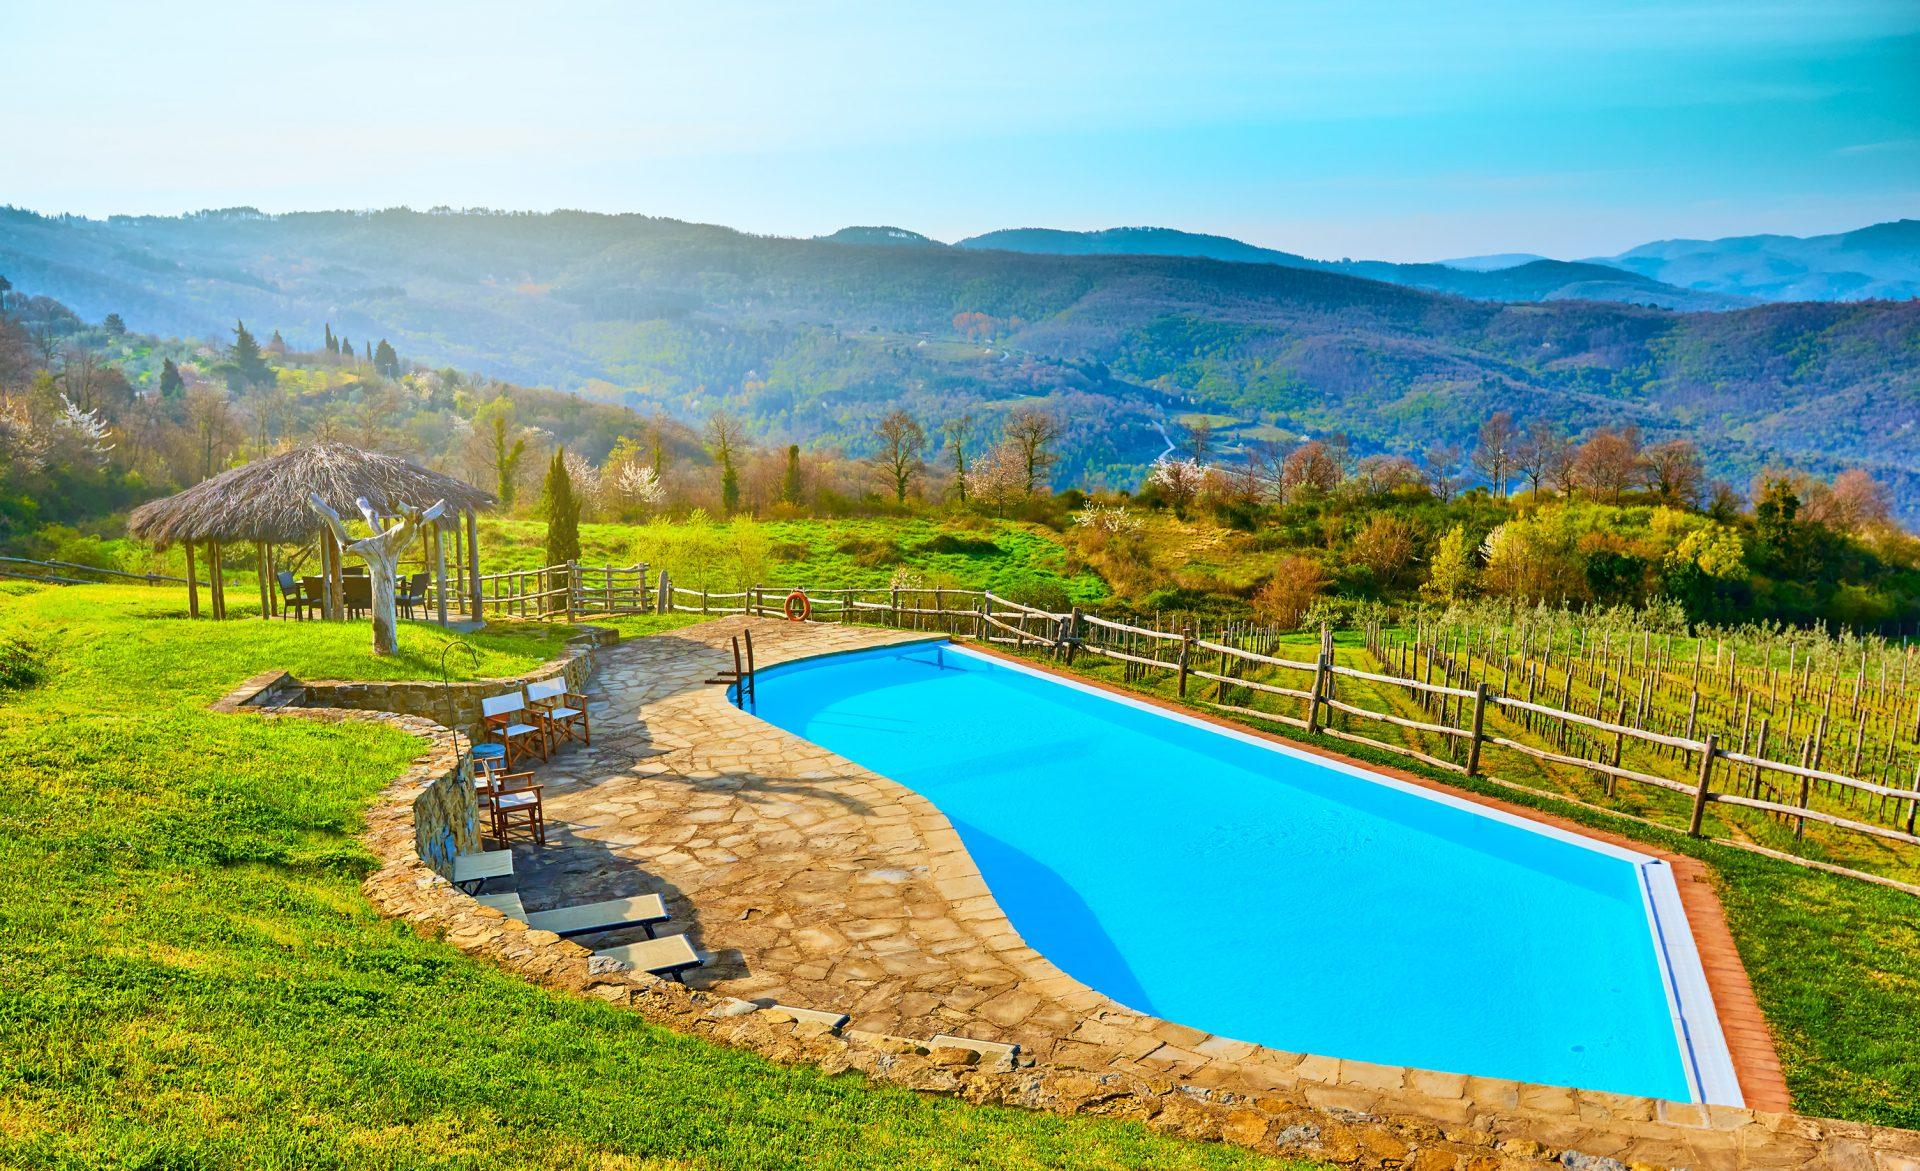 Zwembad bij vakantie villa in Toscane